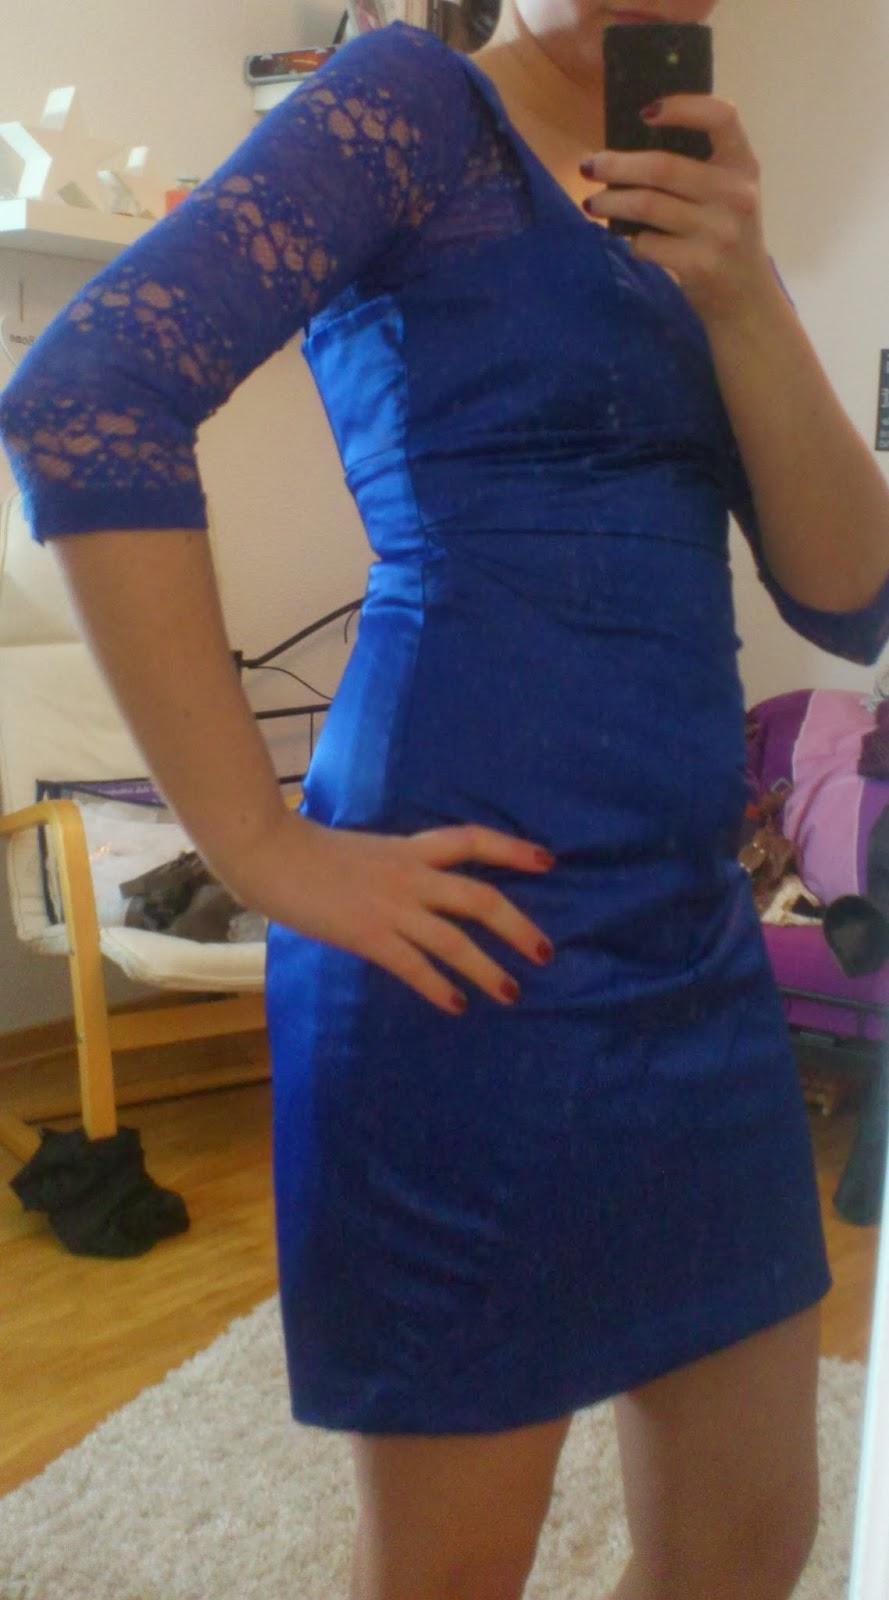 Lucciola: [Outfit] Royalblaues Kleid und Spitze